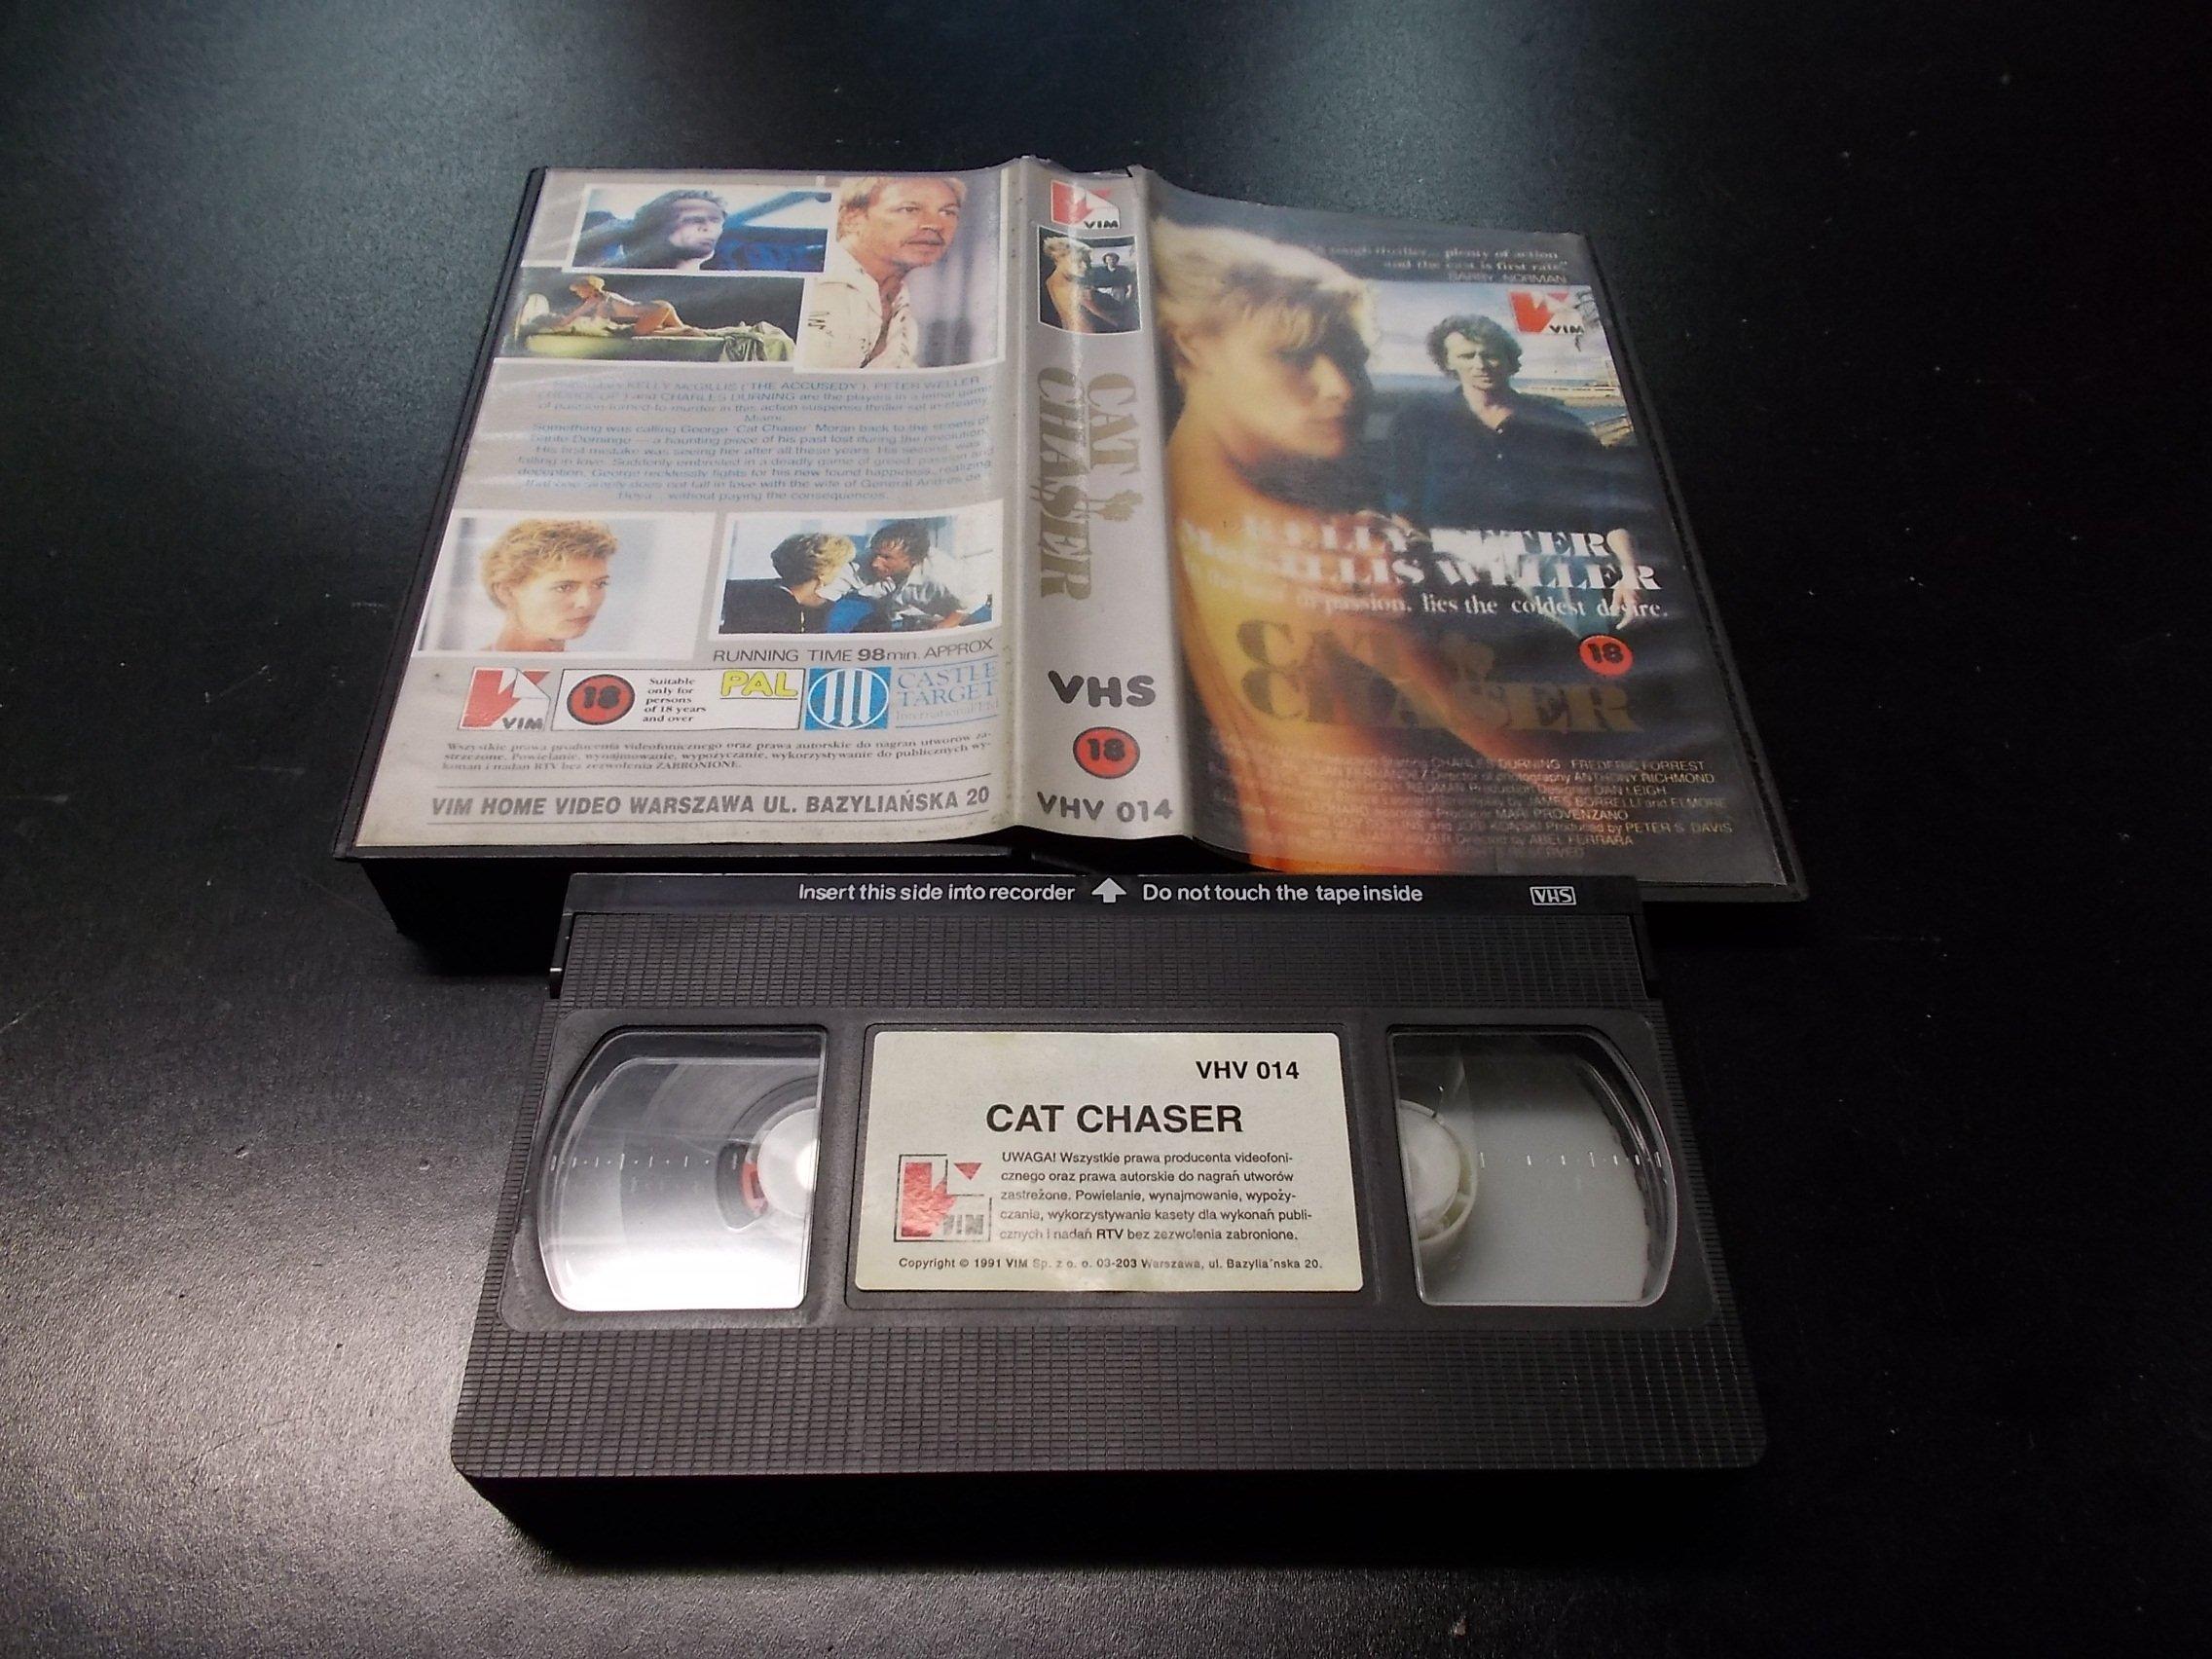 CAT CHASER -  kaseta VHS - 1245 Opole - AlleOpole.pl